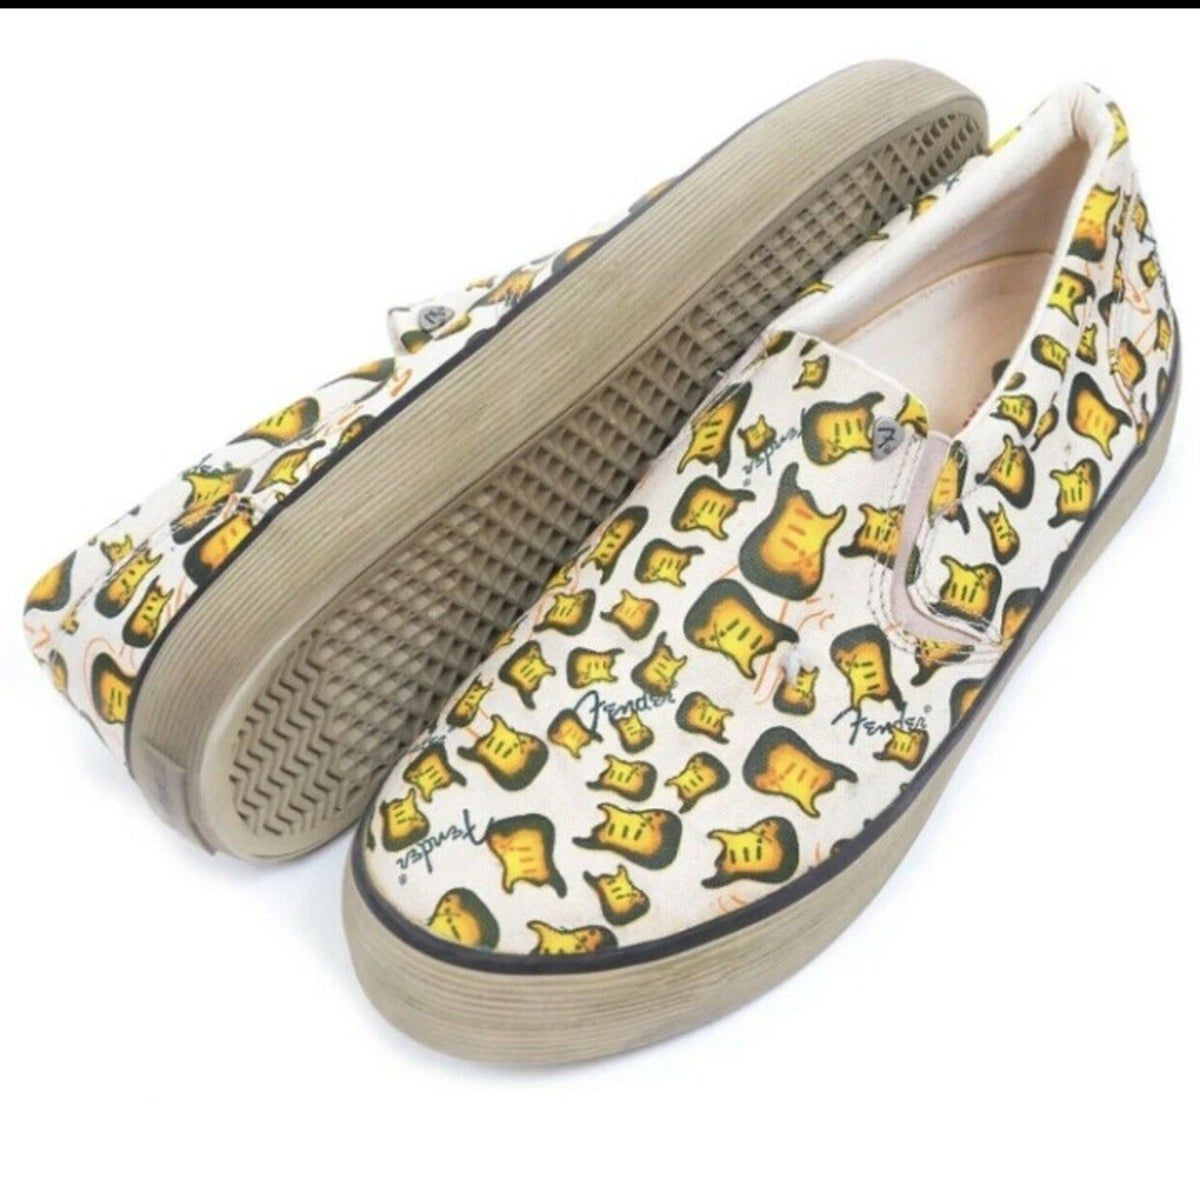 RARE! Fender Guitar Shoes Men's Sneakers #fenderguitars RARE! Fender Guitar Shoes Men's Sneakers #fenderguitars